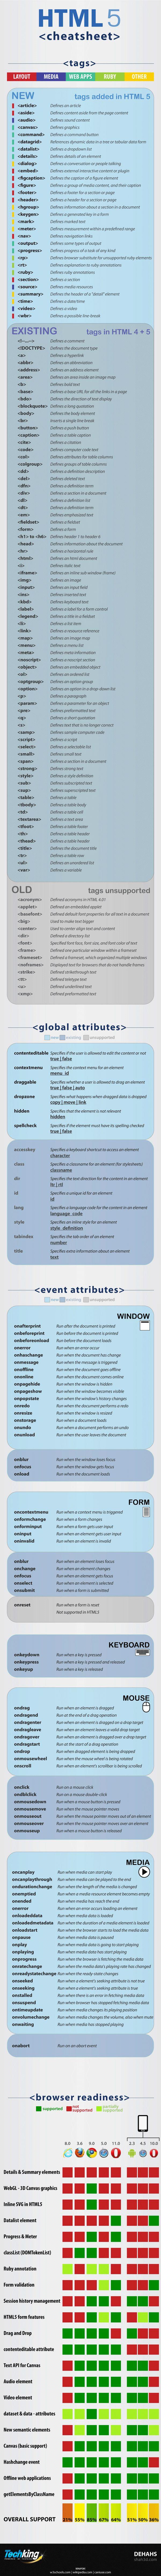 Completa guía de referencia de #HTML5 Infografia